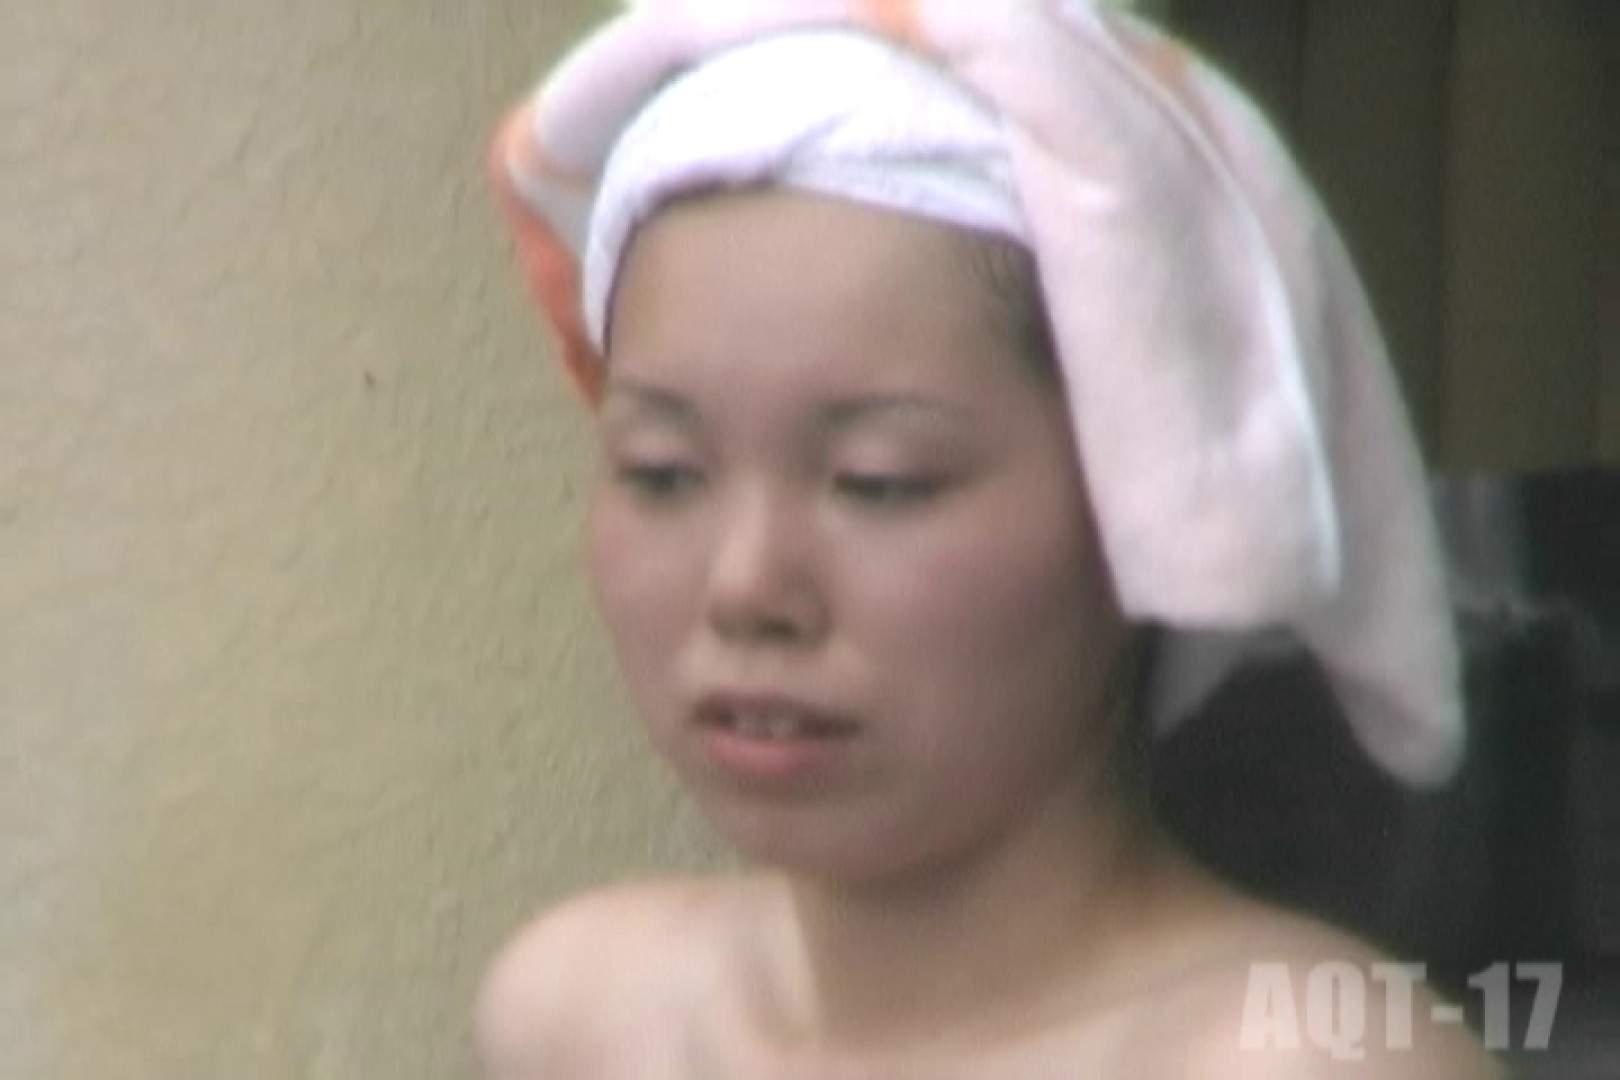 Aquaな露天風呂Vol.851 盗撮シリーズ  105PIX 74